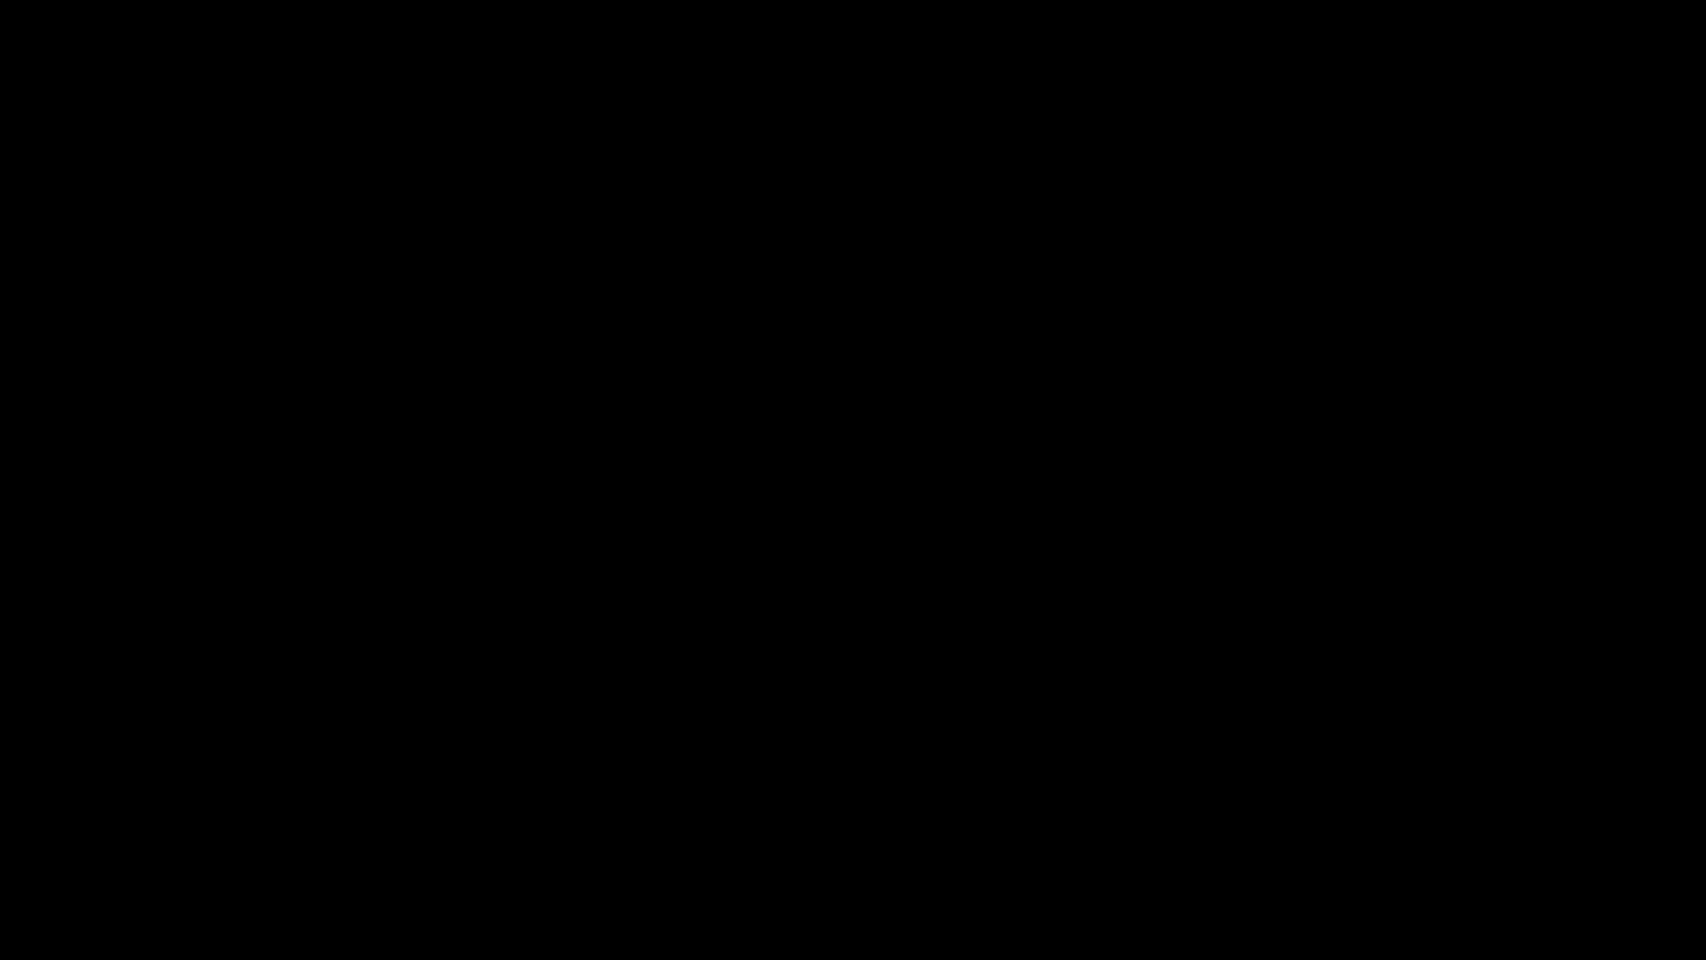 17915_04.jpg